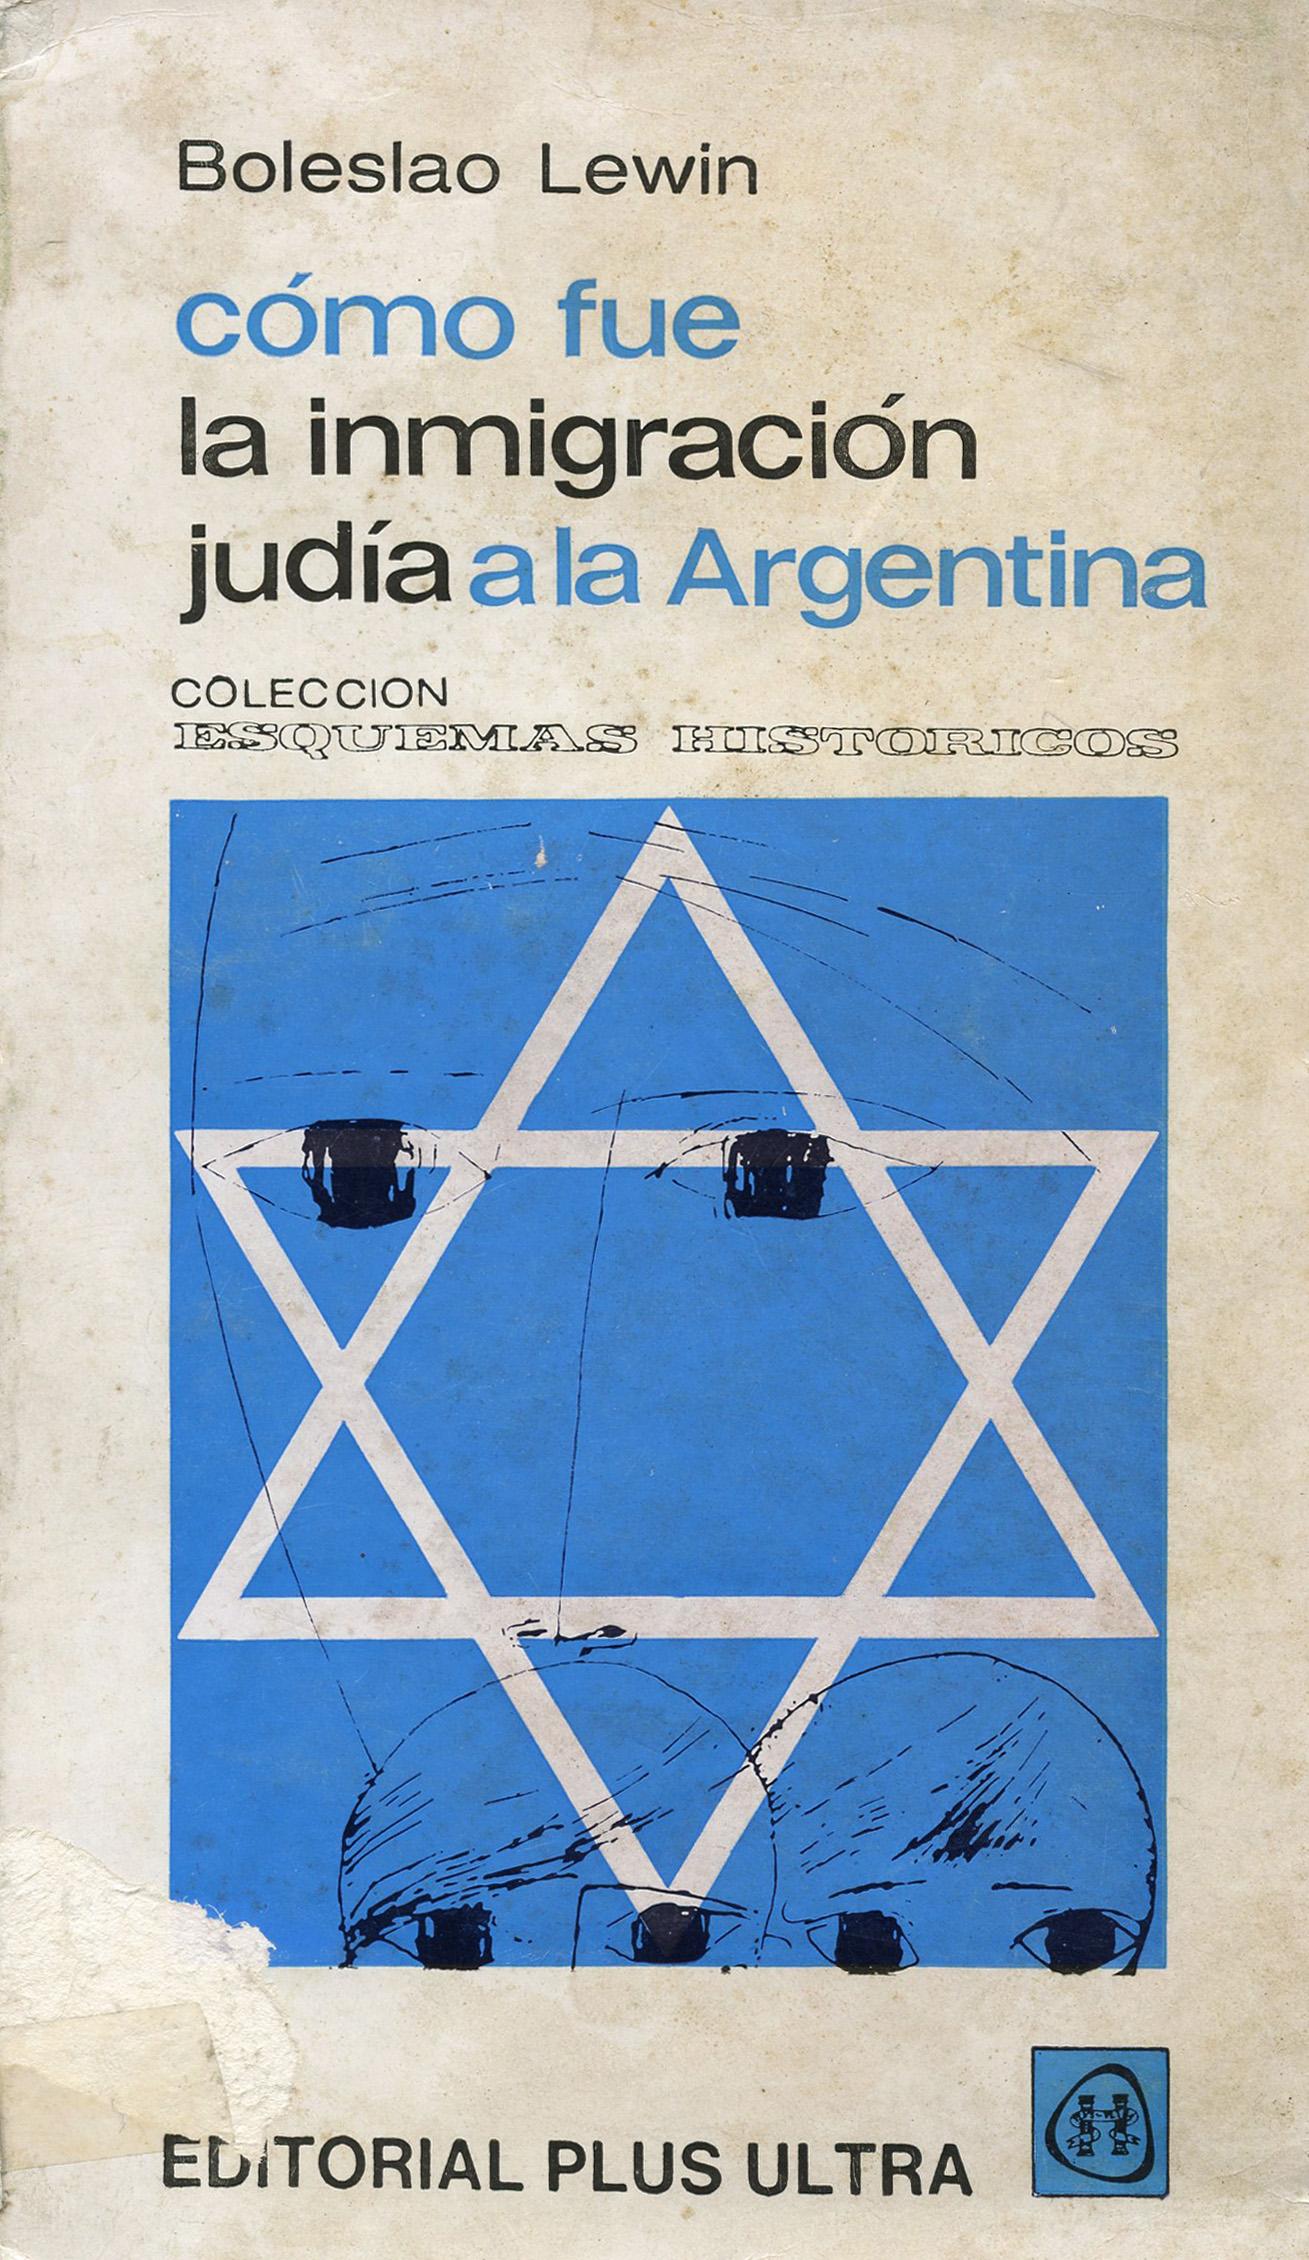 Cómo fue la inmigración judía a la Argentina